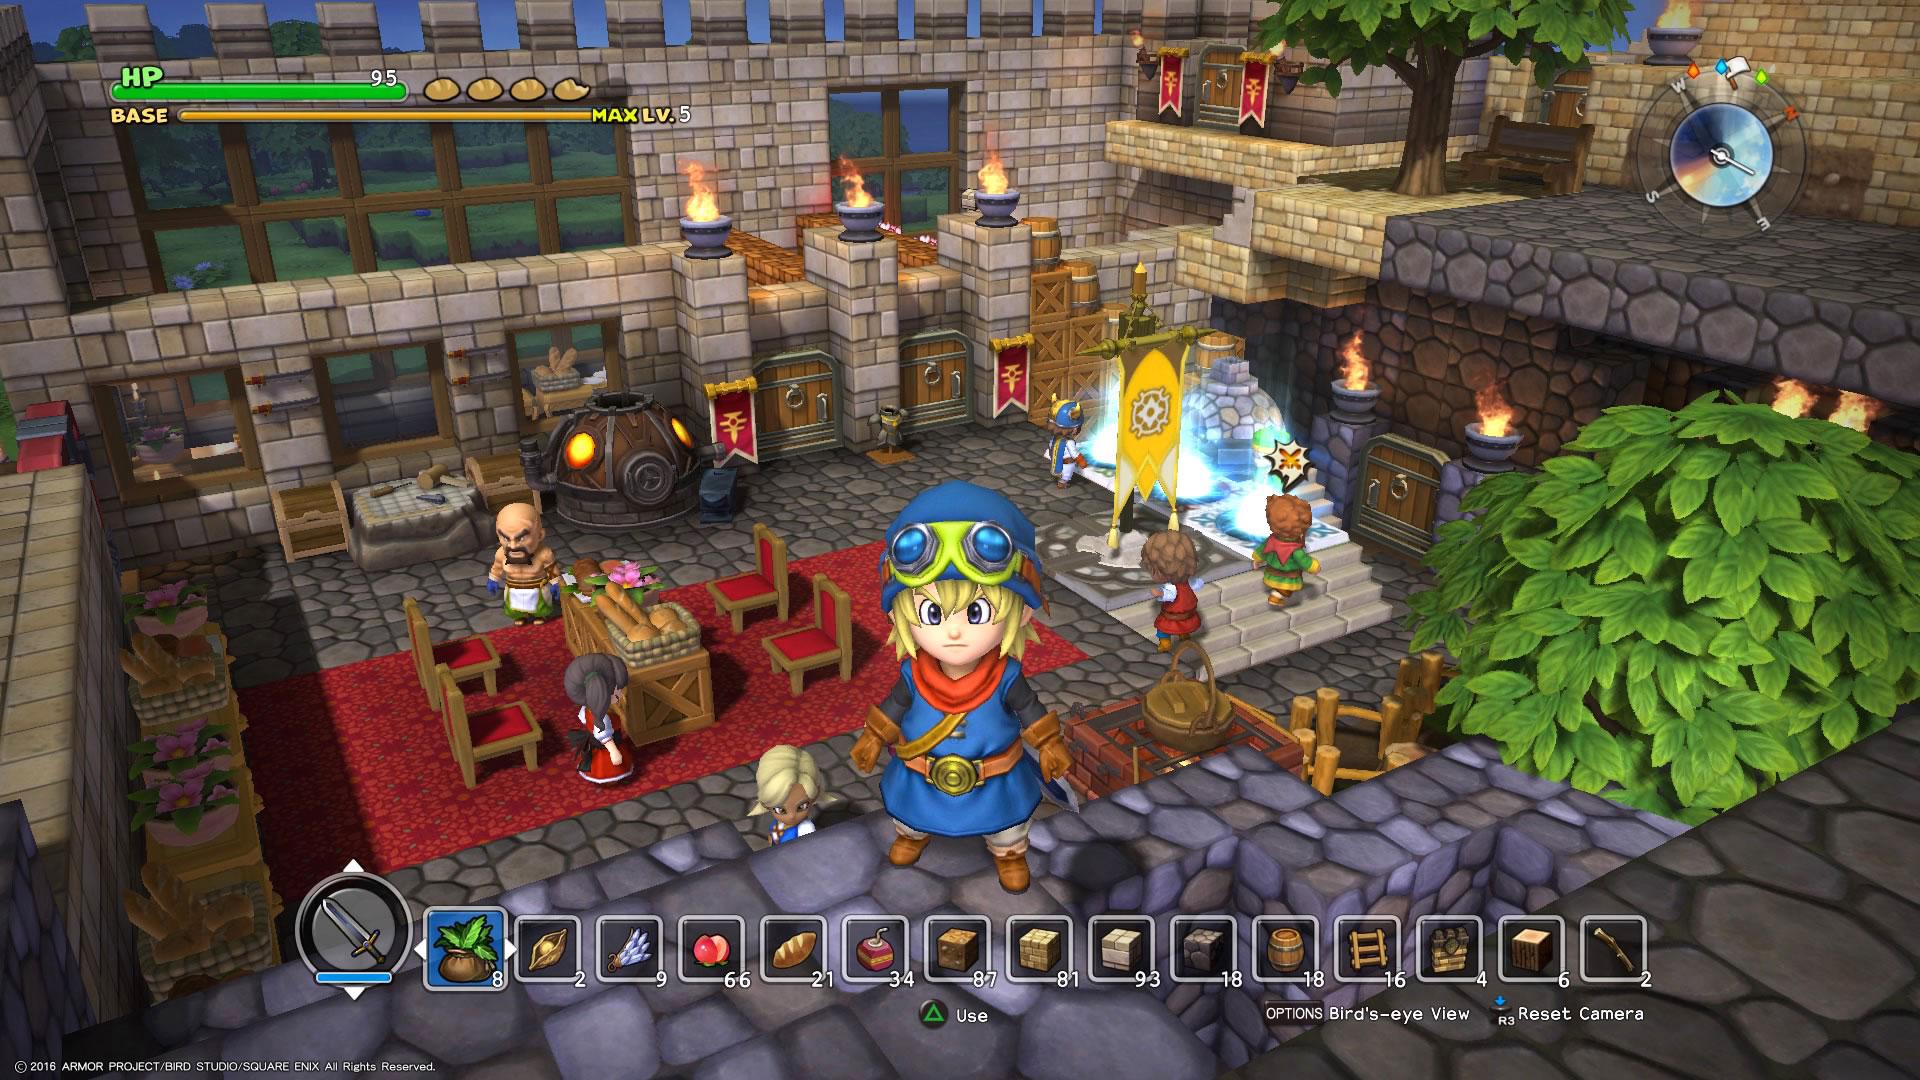 """RPG-Fans mit Aufbau- und Kreativ-Ambitionen freuen sich auf Square Enix' putzige """"Dragon Quest World Builders"""". (11.10. für PS4, PS Vita)"""